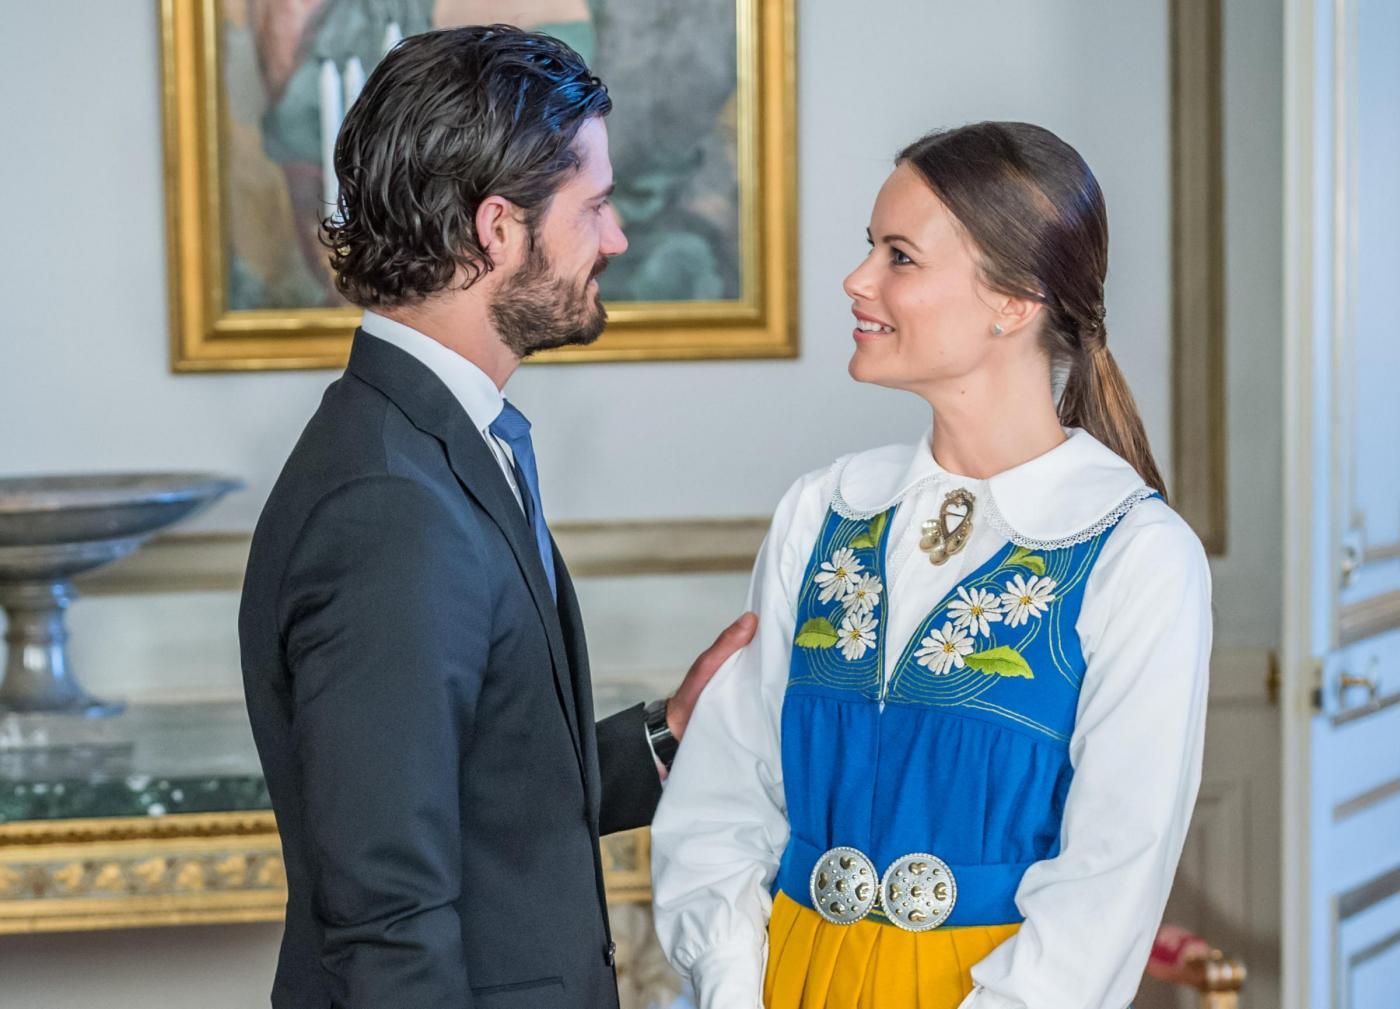 Sofia Hellqvist: chi è la donna che sposa Carlo Filippo di Svezia FOTO 18